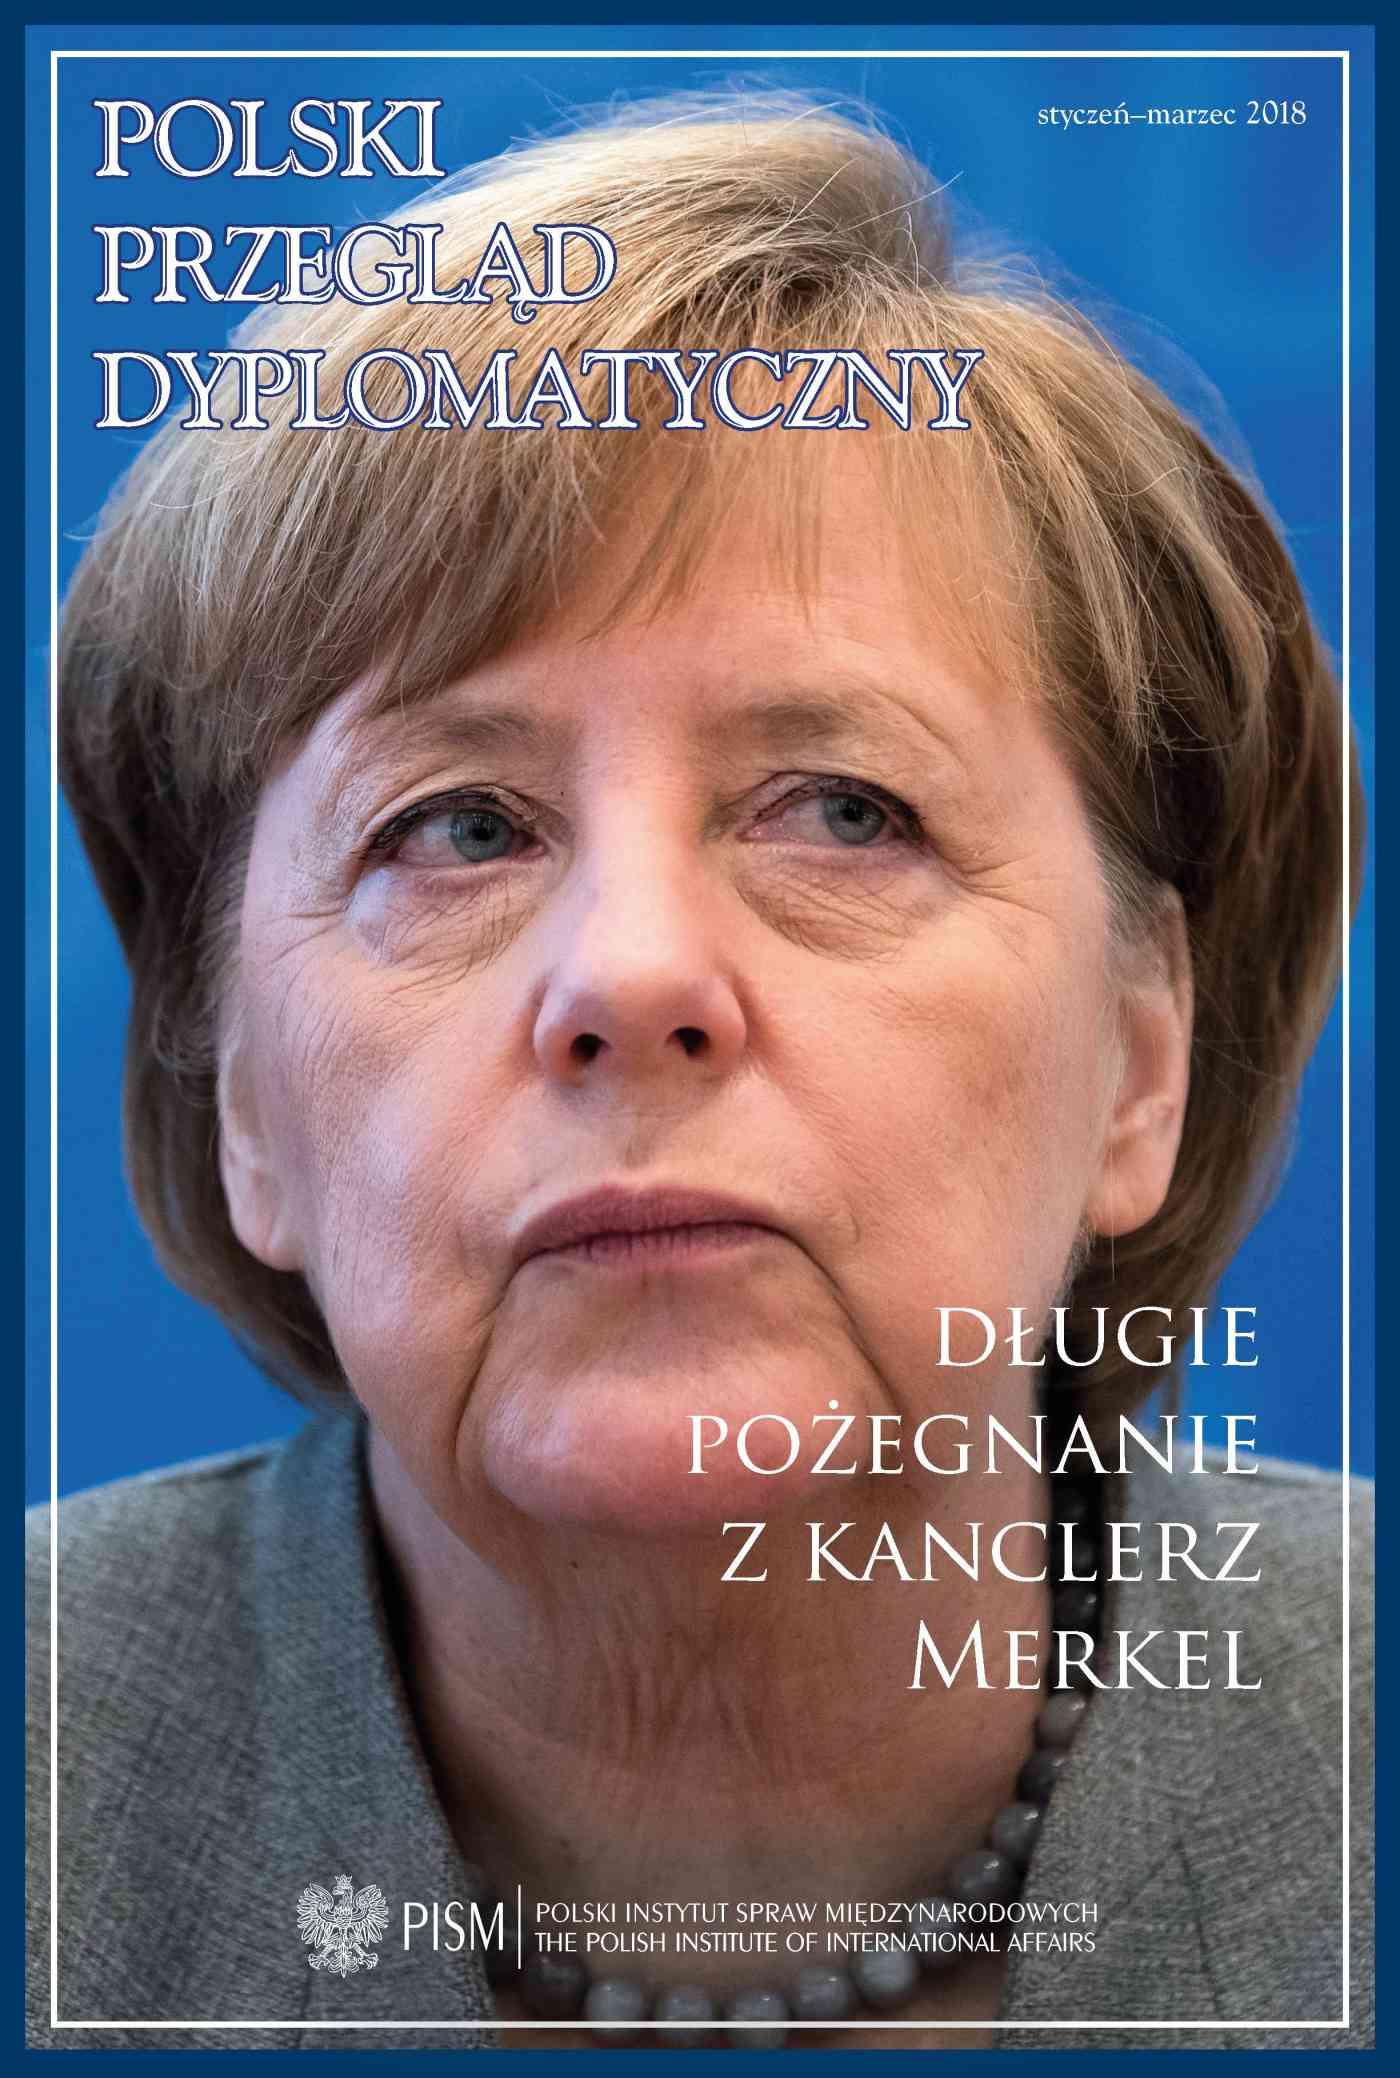 Polski Przegląd Dyplomatyczny, nr 1/2018 - Ebook (Książka PDF) do pobrania w formacie PDF